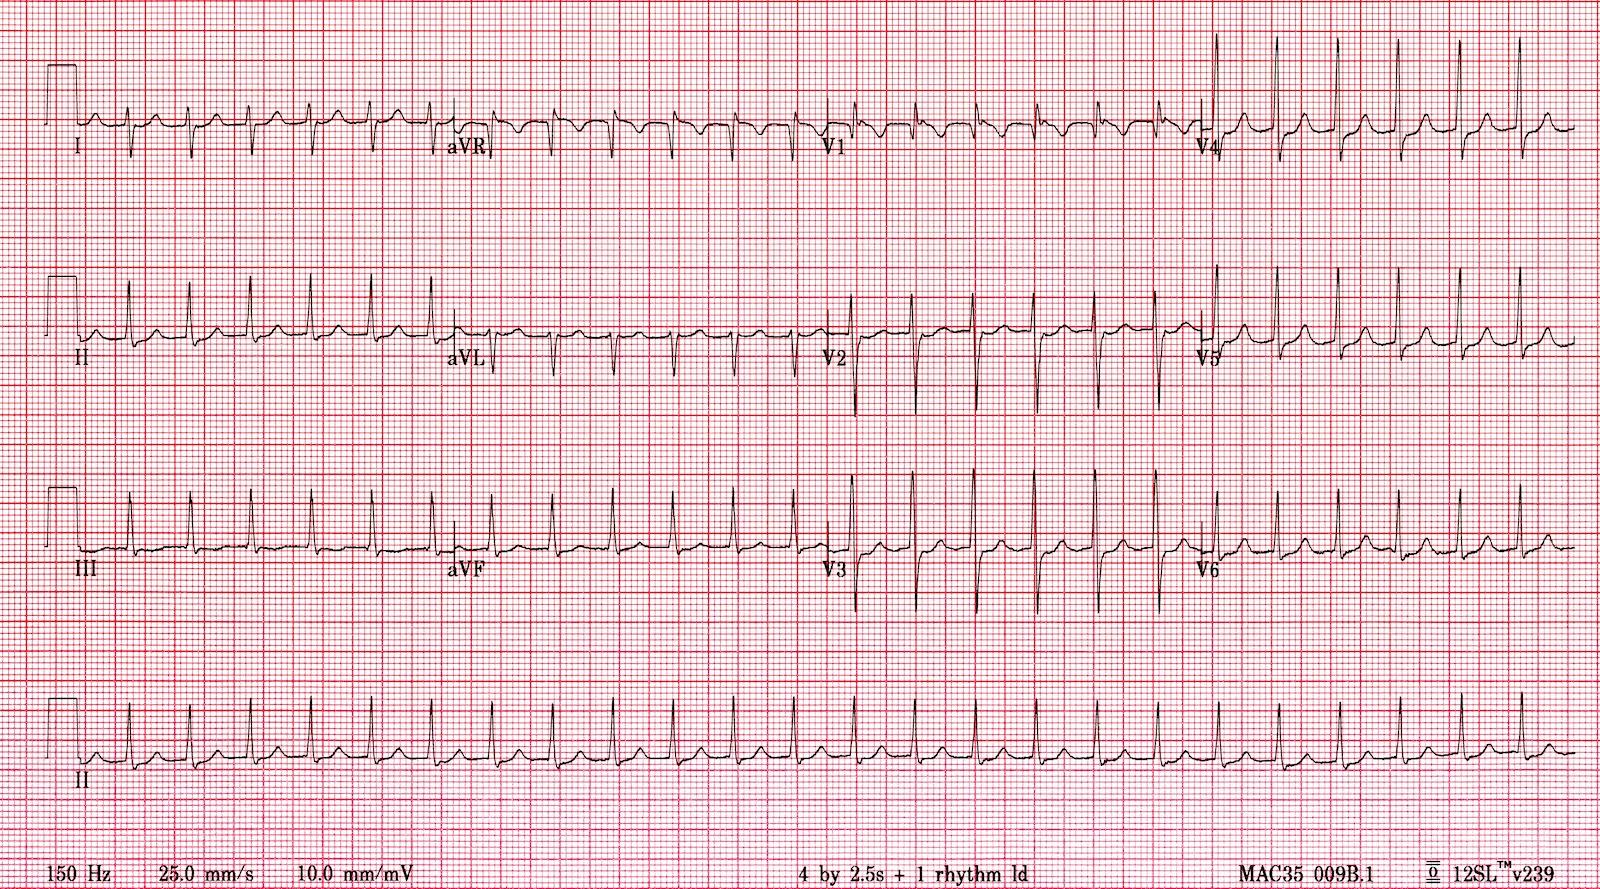 Supraventricular Tachycardia (SVT)